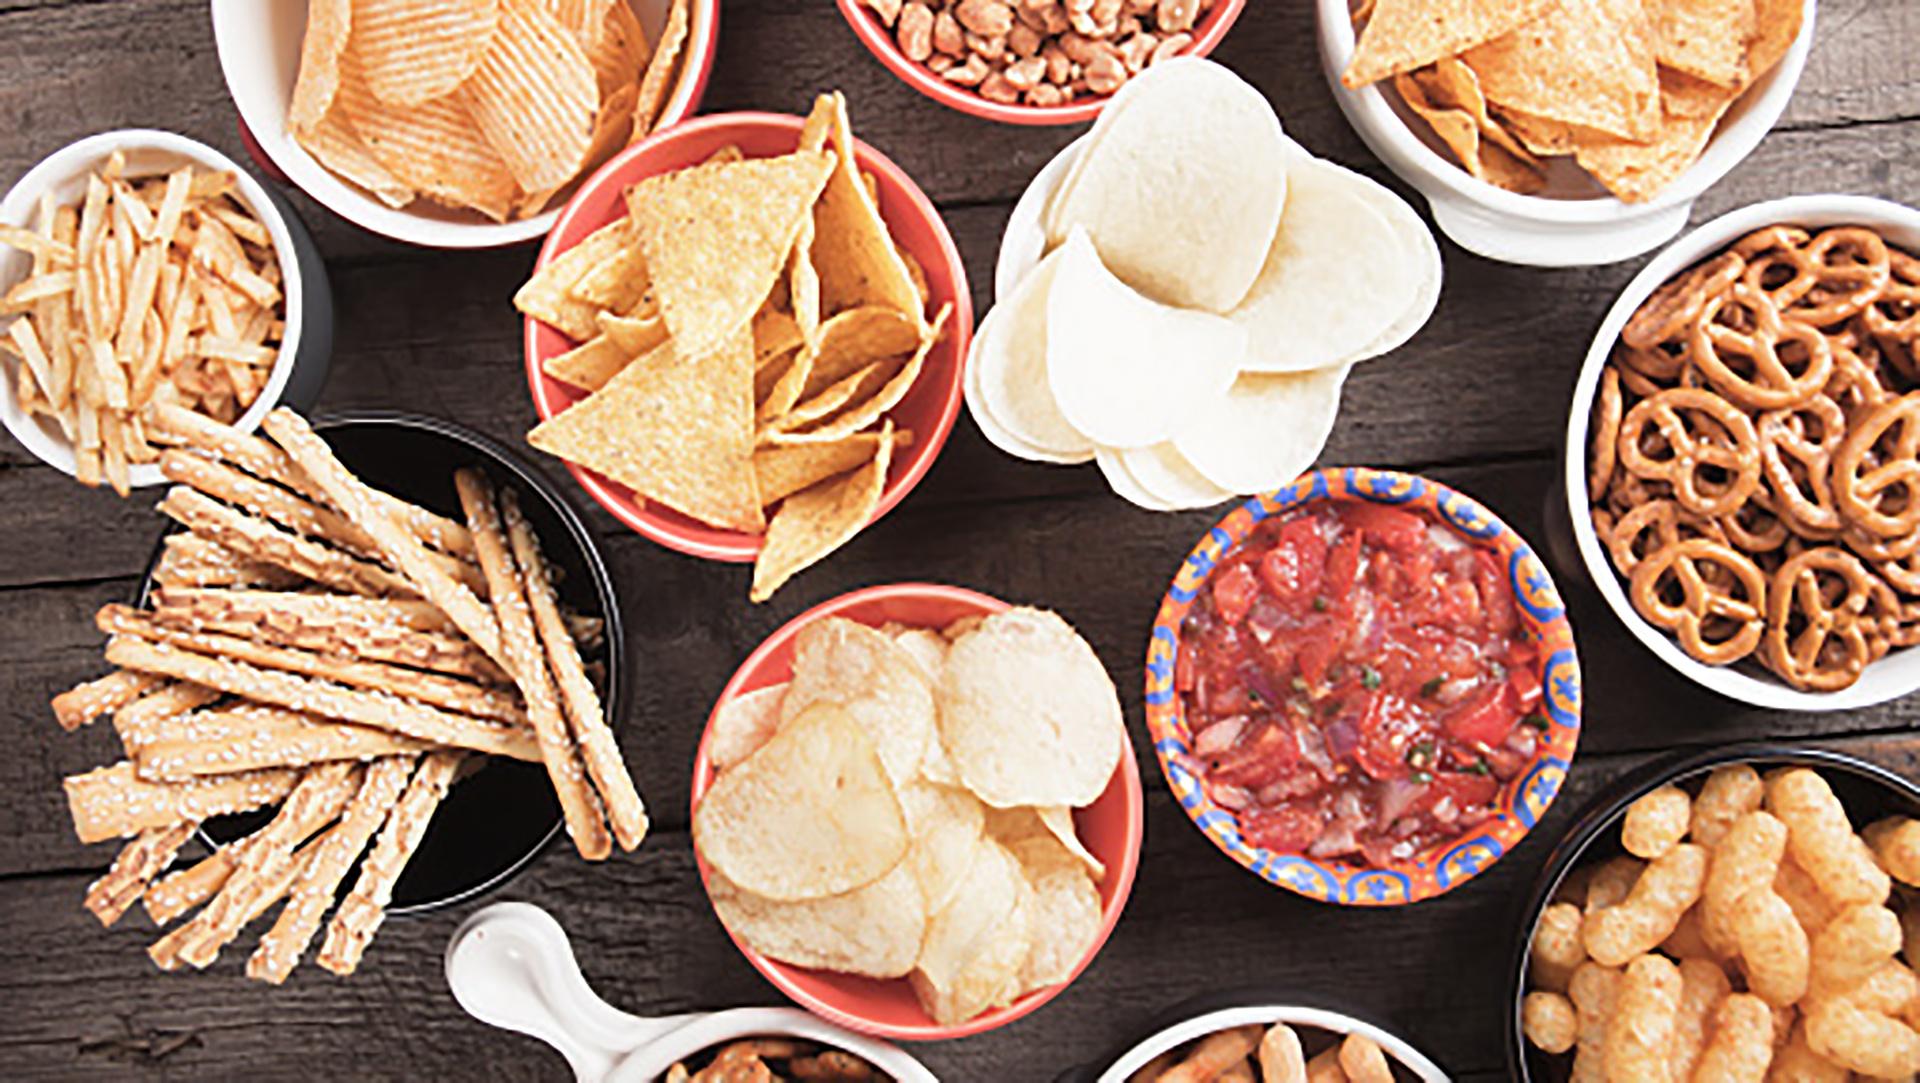 Mientras que la OMS recomienda consumir entre 3 y 6 gramos de sal por día, los argentinos consumen alrededor de 12